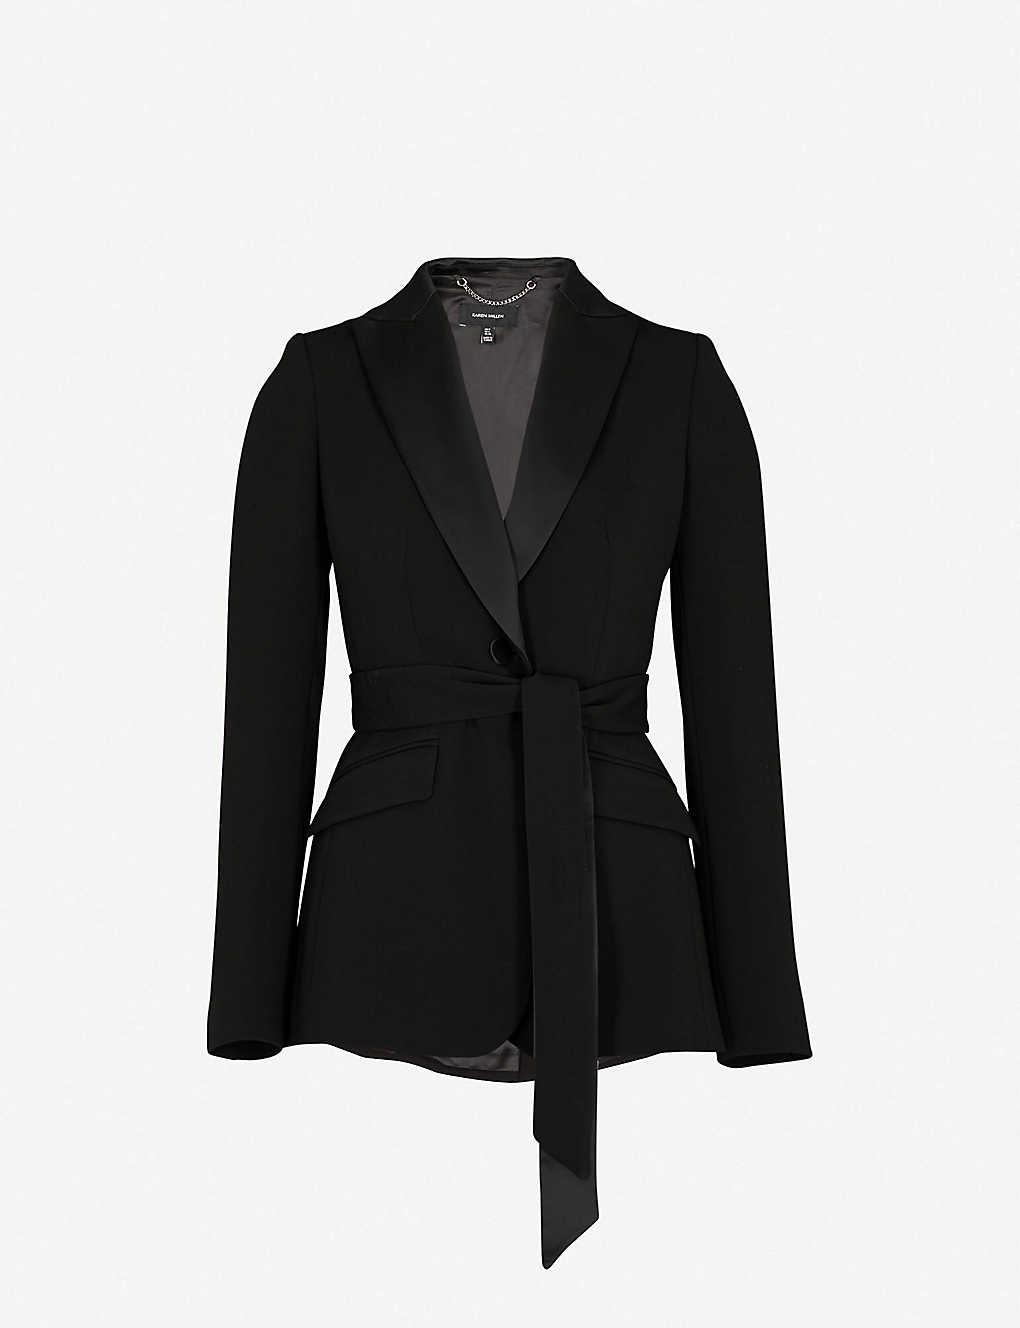 fb86d7a5dd Belted crepe jacket zoom; Belted crepe jacket zoom ...